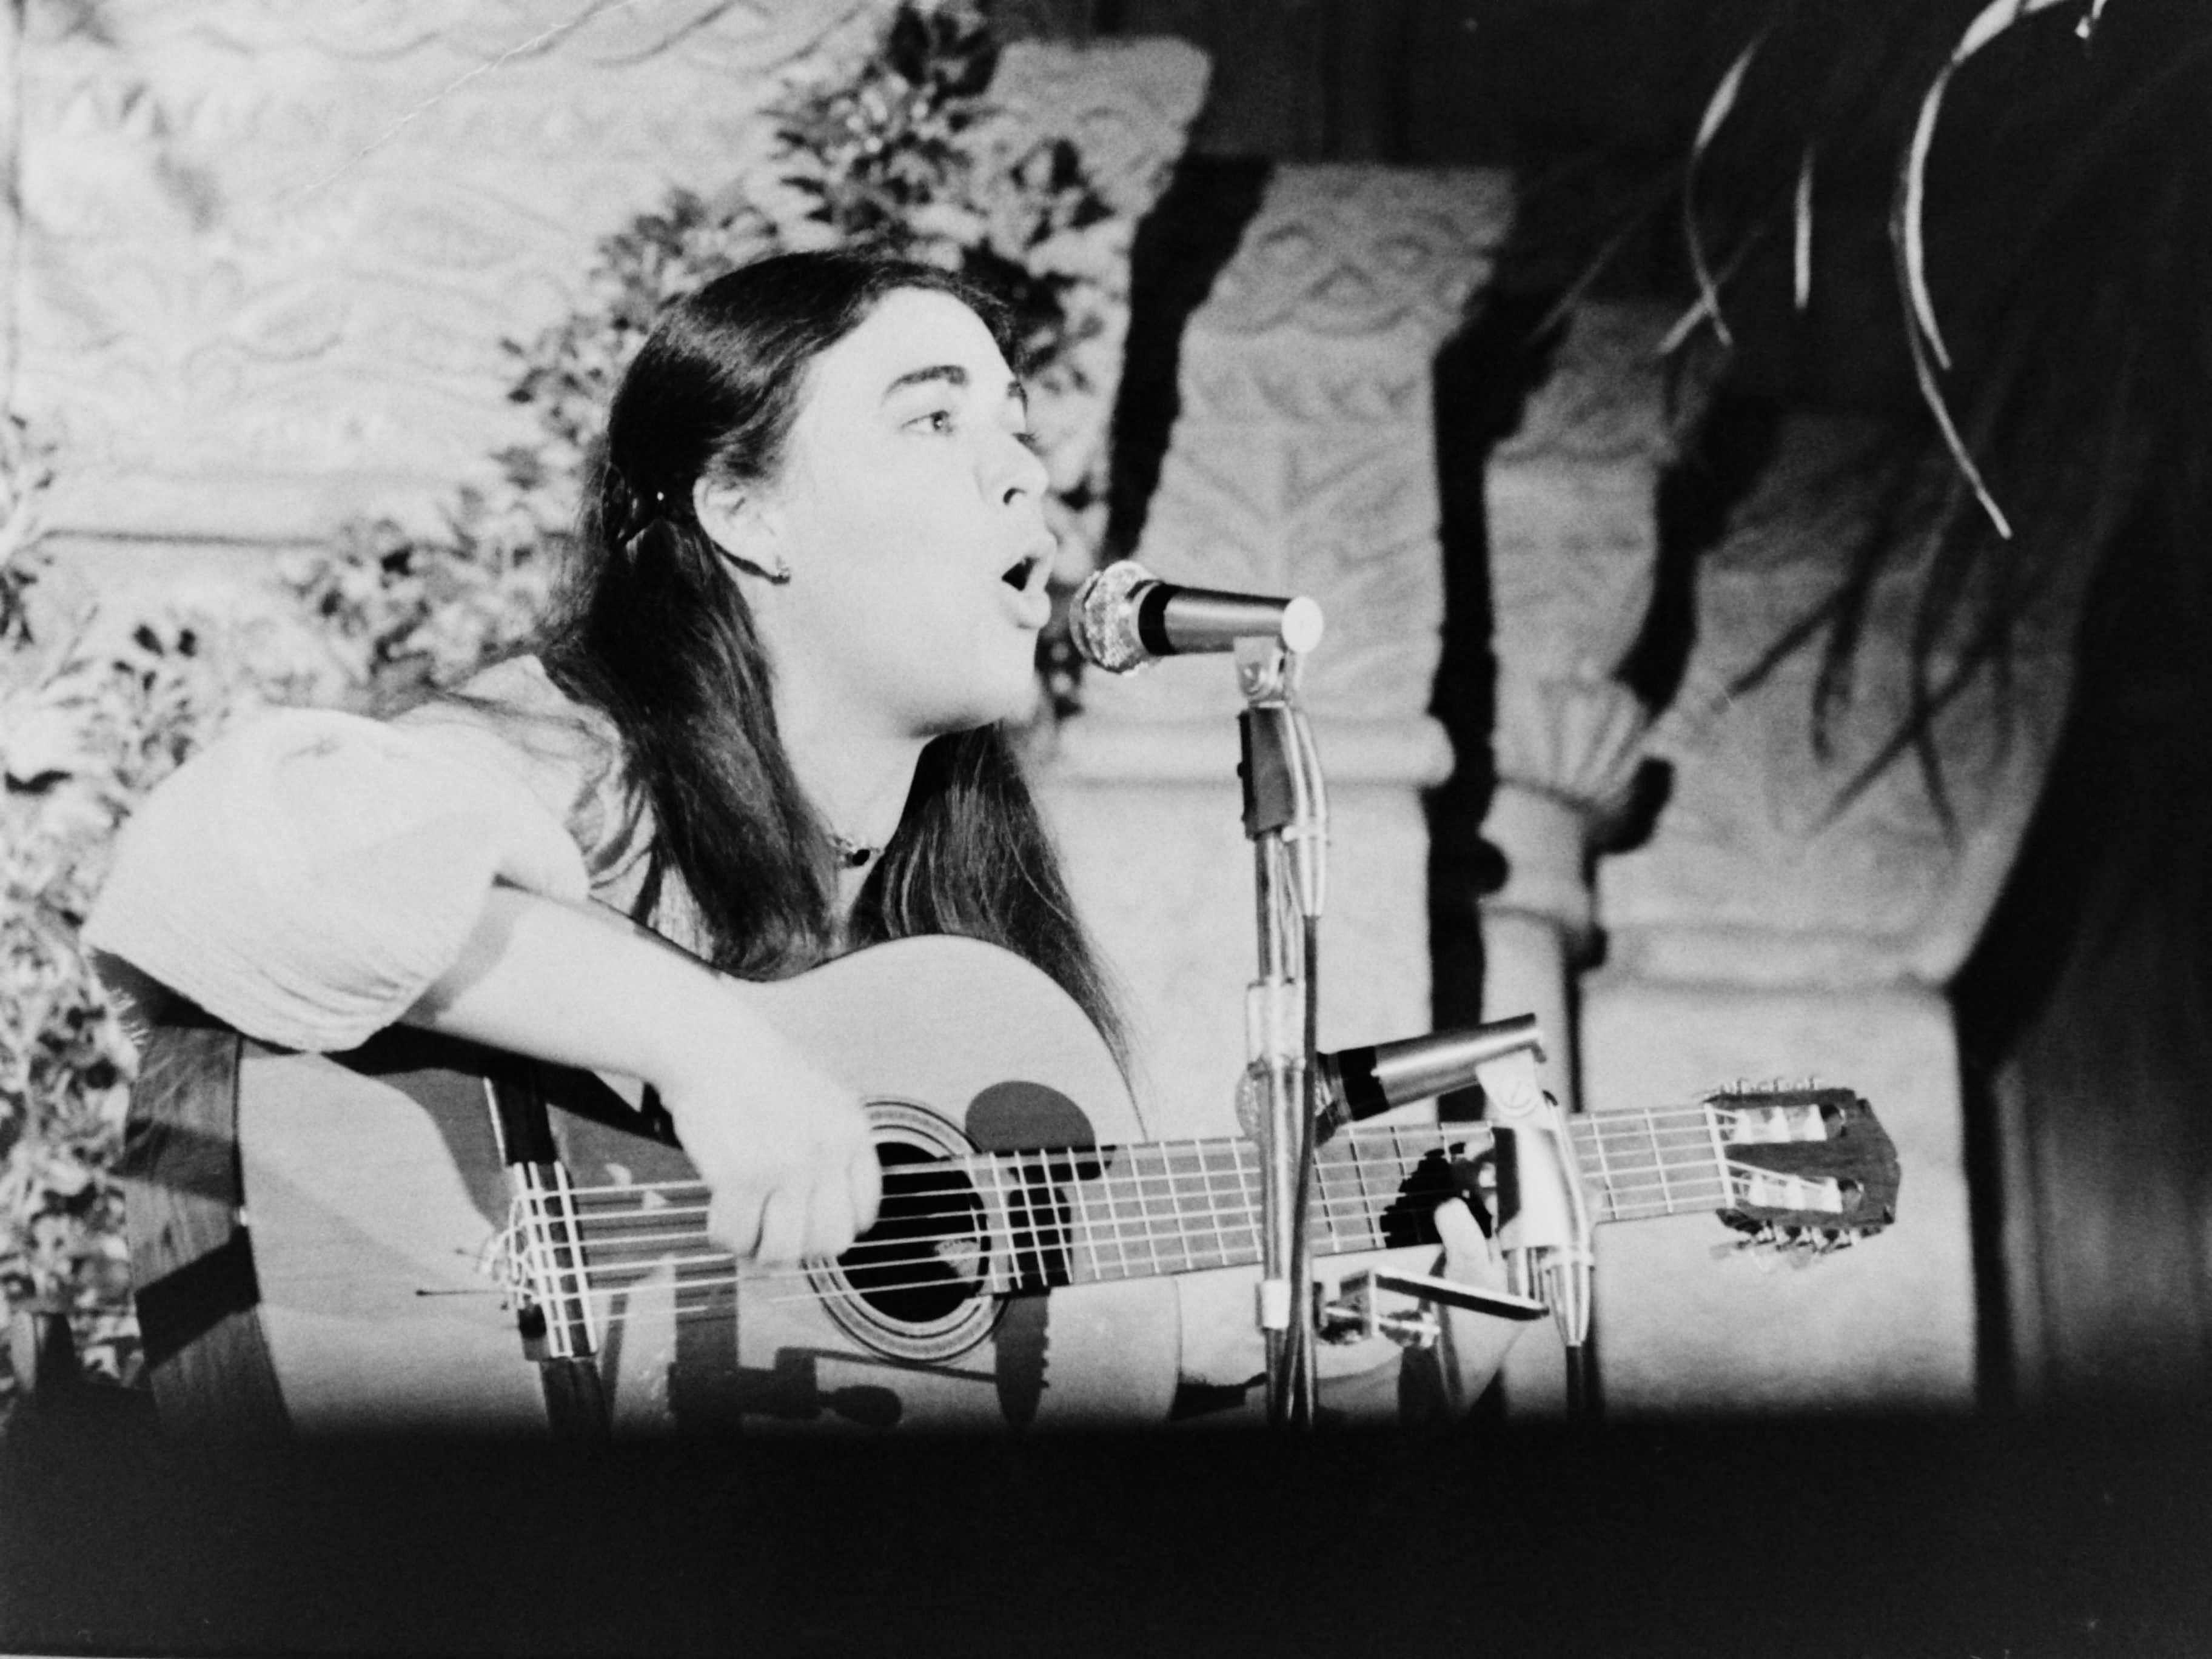 Concert de Maria del Mar Bonet al Claustre del Monestir, en la Festa Major del 1977. FOTO: Fons Cabanas / AMSCV